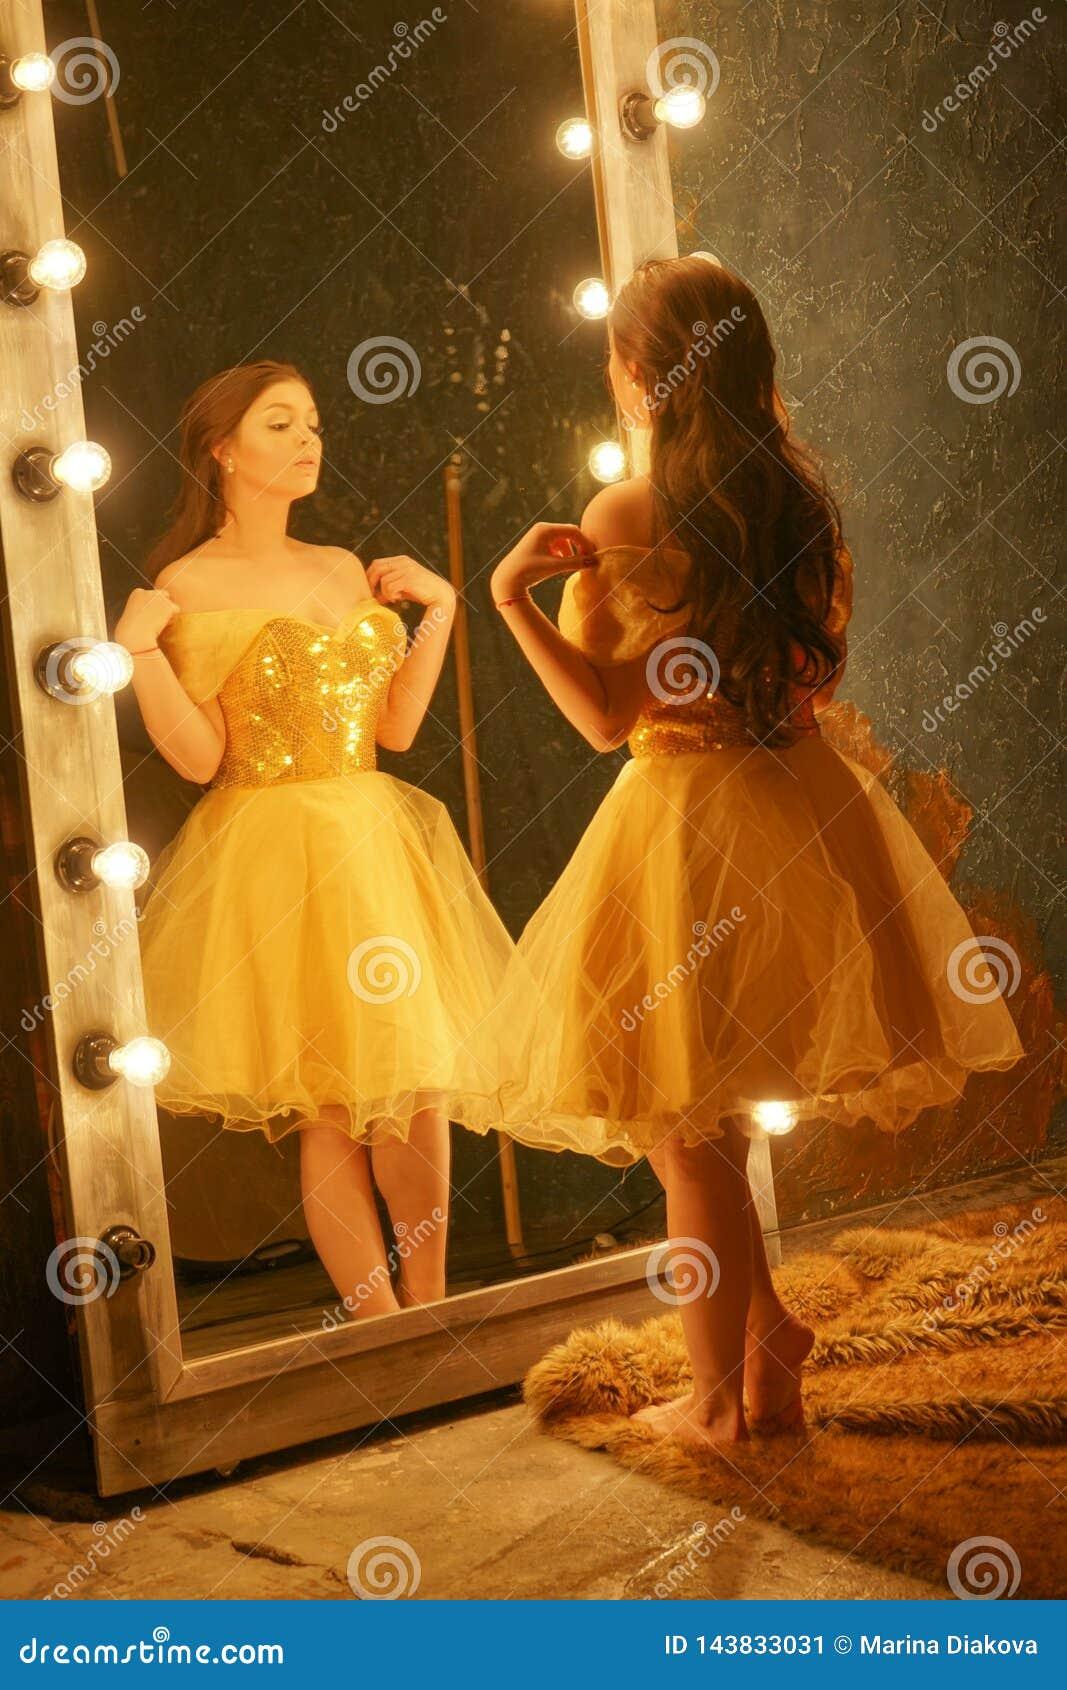 Красивая маленькая девочка в платье вечера золота стоит на половике меха около большого зеркала в рамке со светами и взглядами в